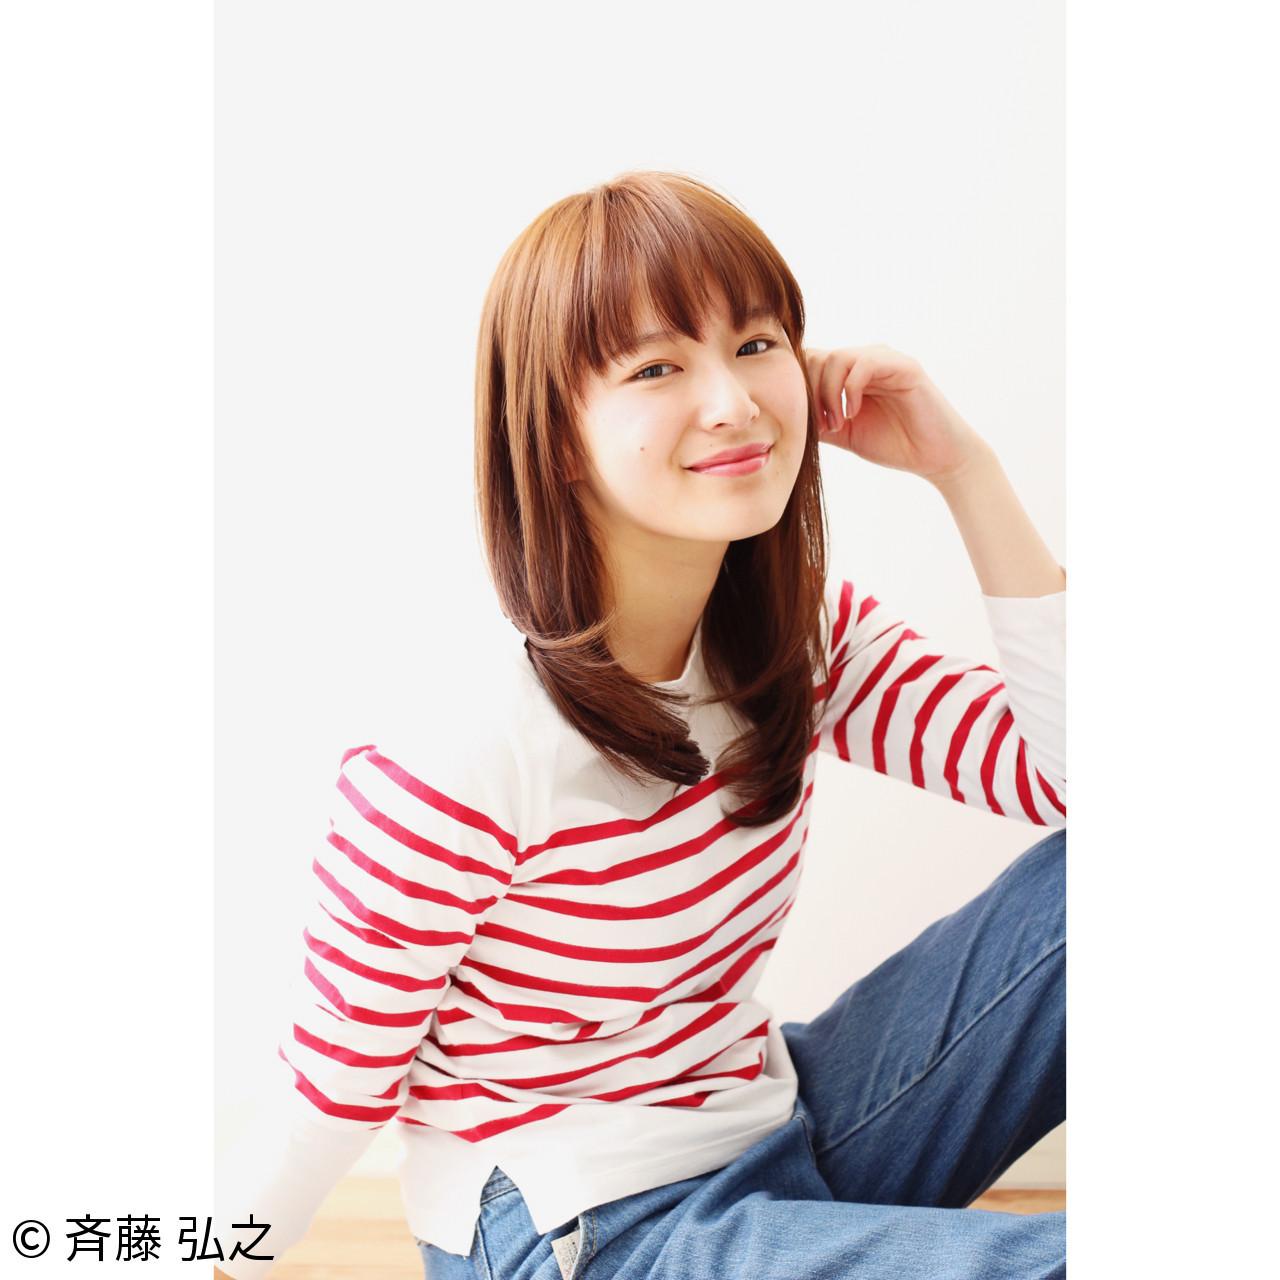 清楚な女性にピッタリ♡ベージュ系オレンジヘアカラー 斉藤 弘之